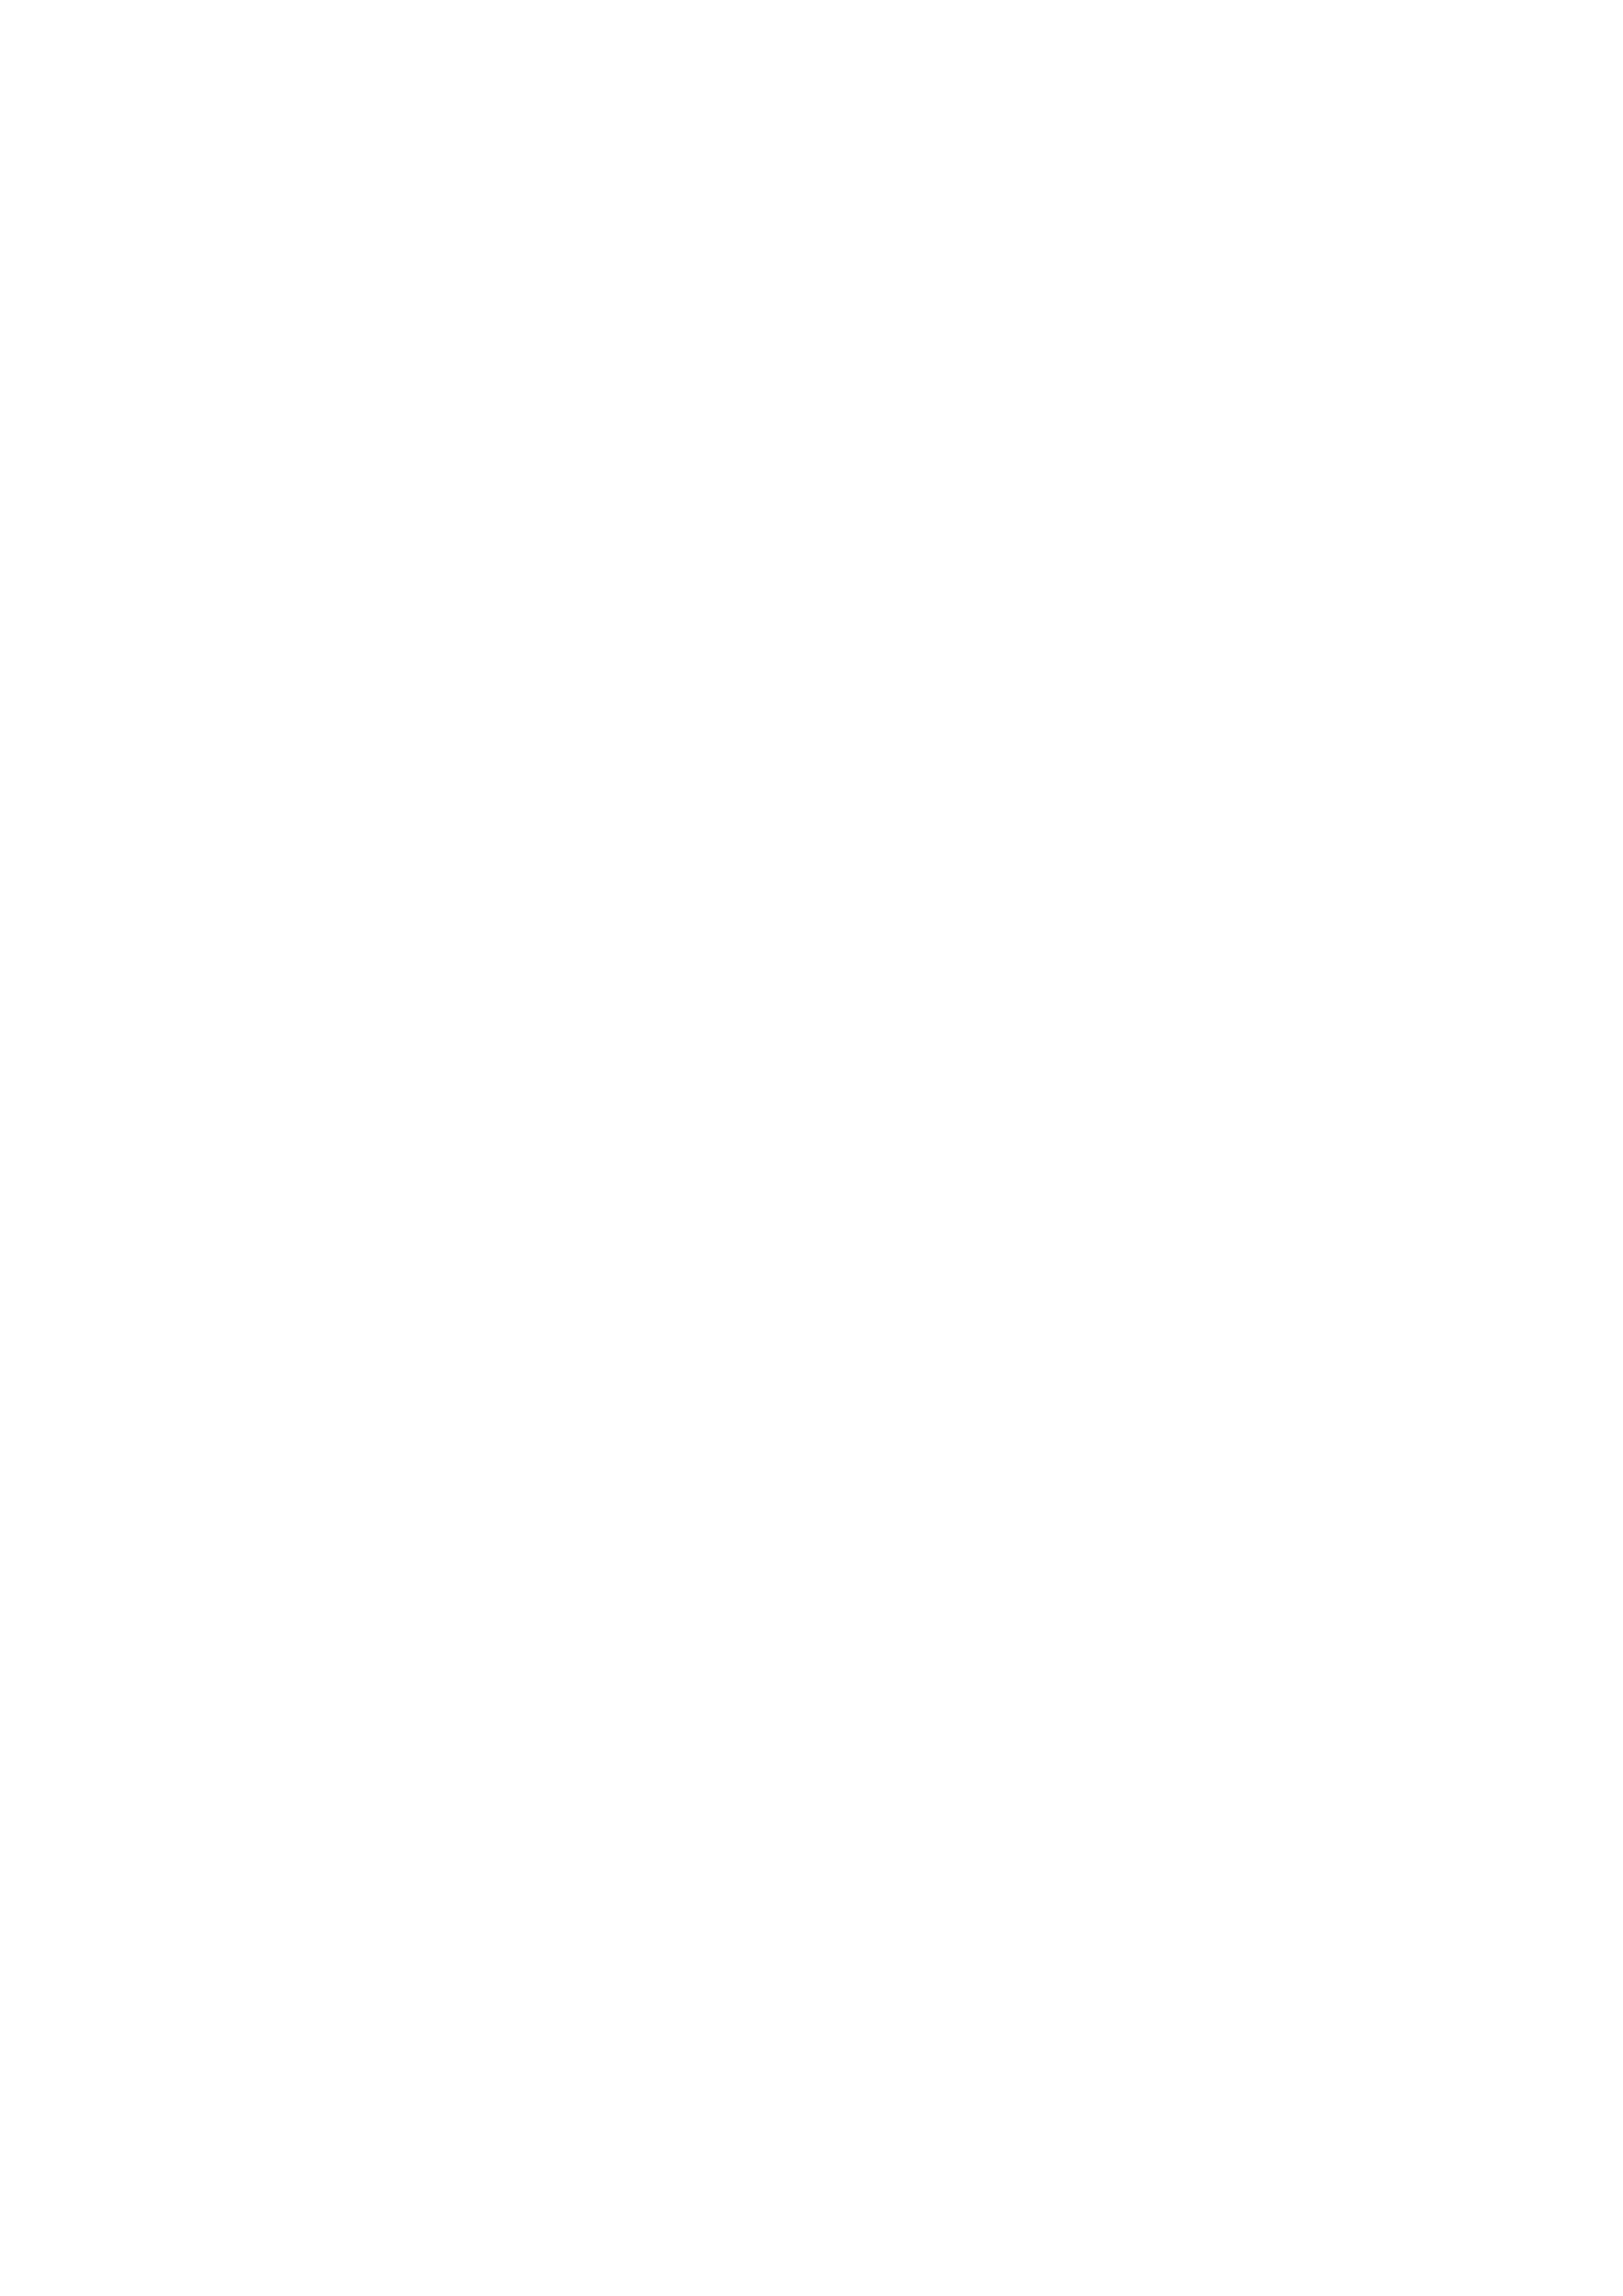 2020年内科主治医师(神经内科学)考试全套资料【考试指导+真题精选+题库】